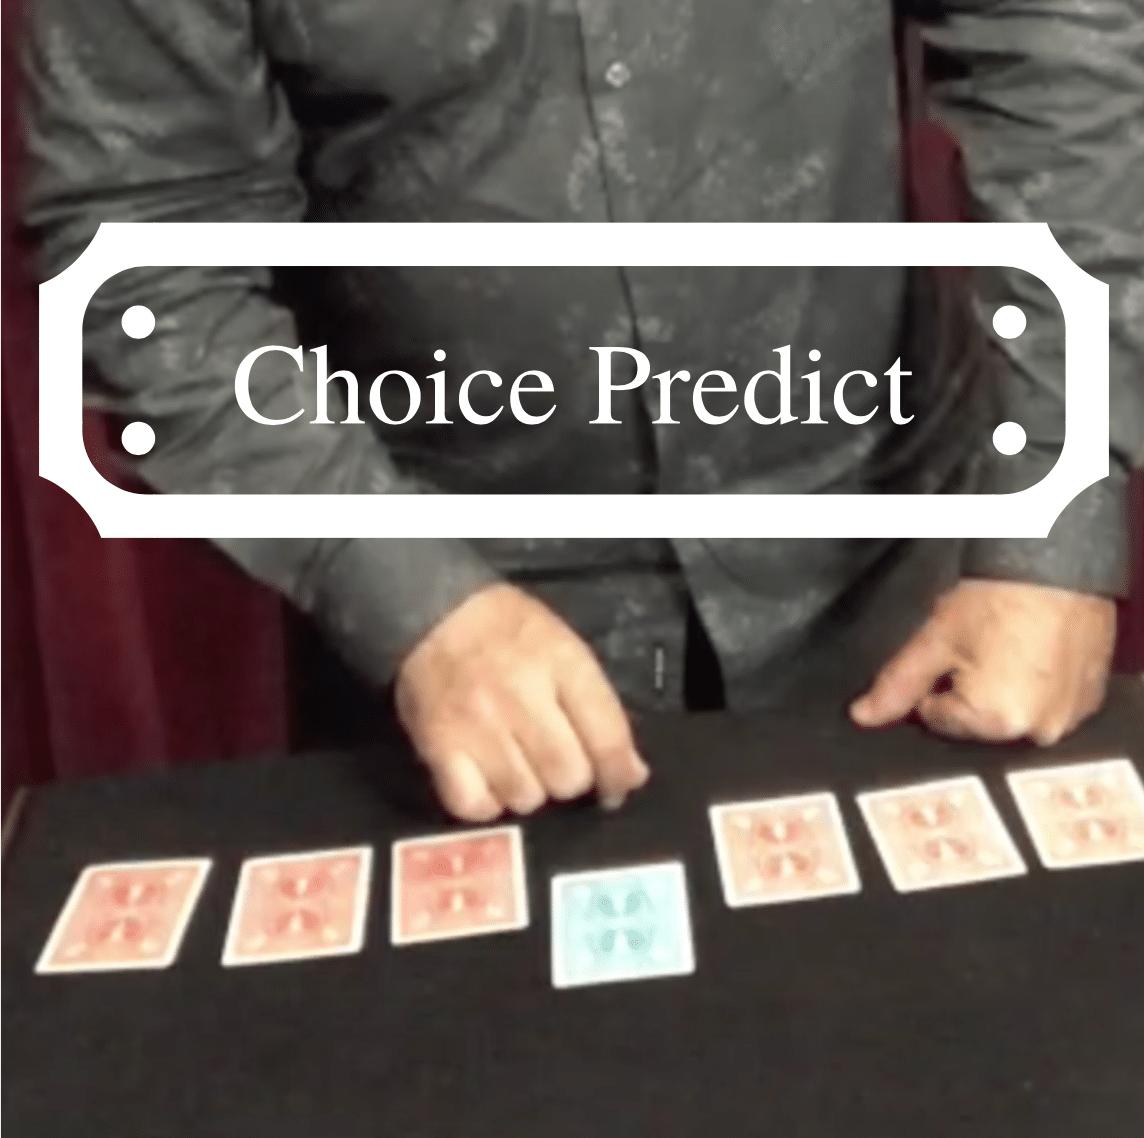 Choice Predict